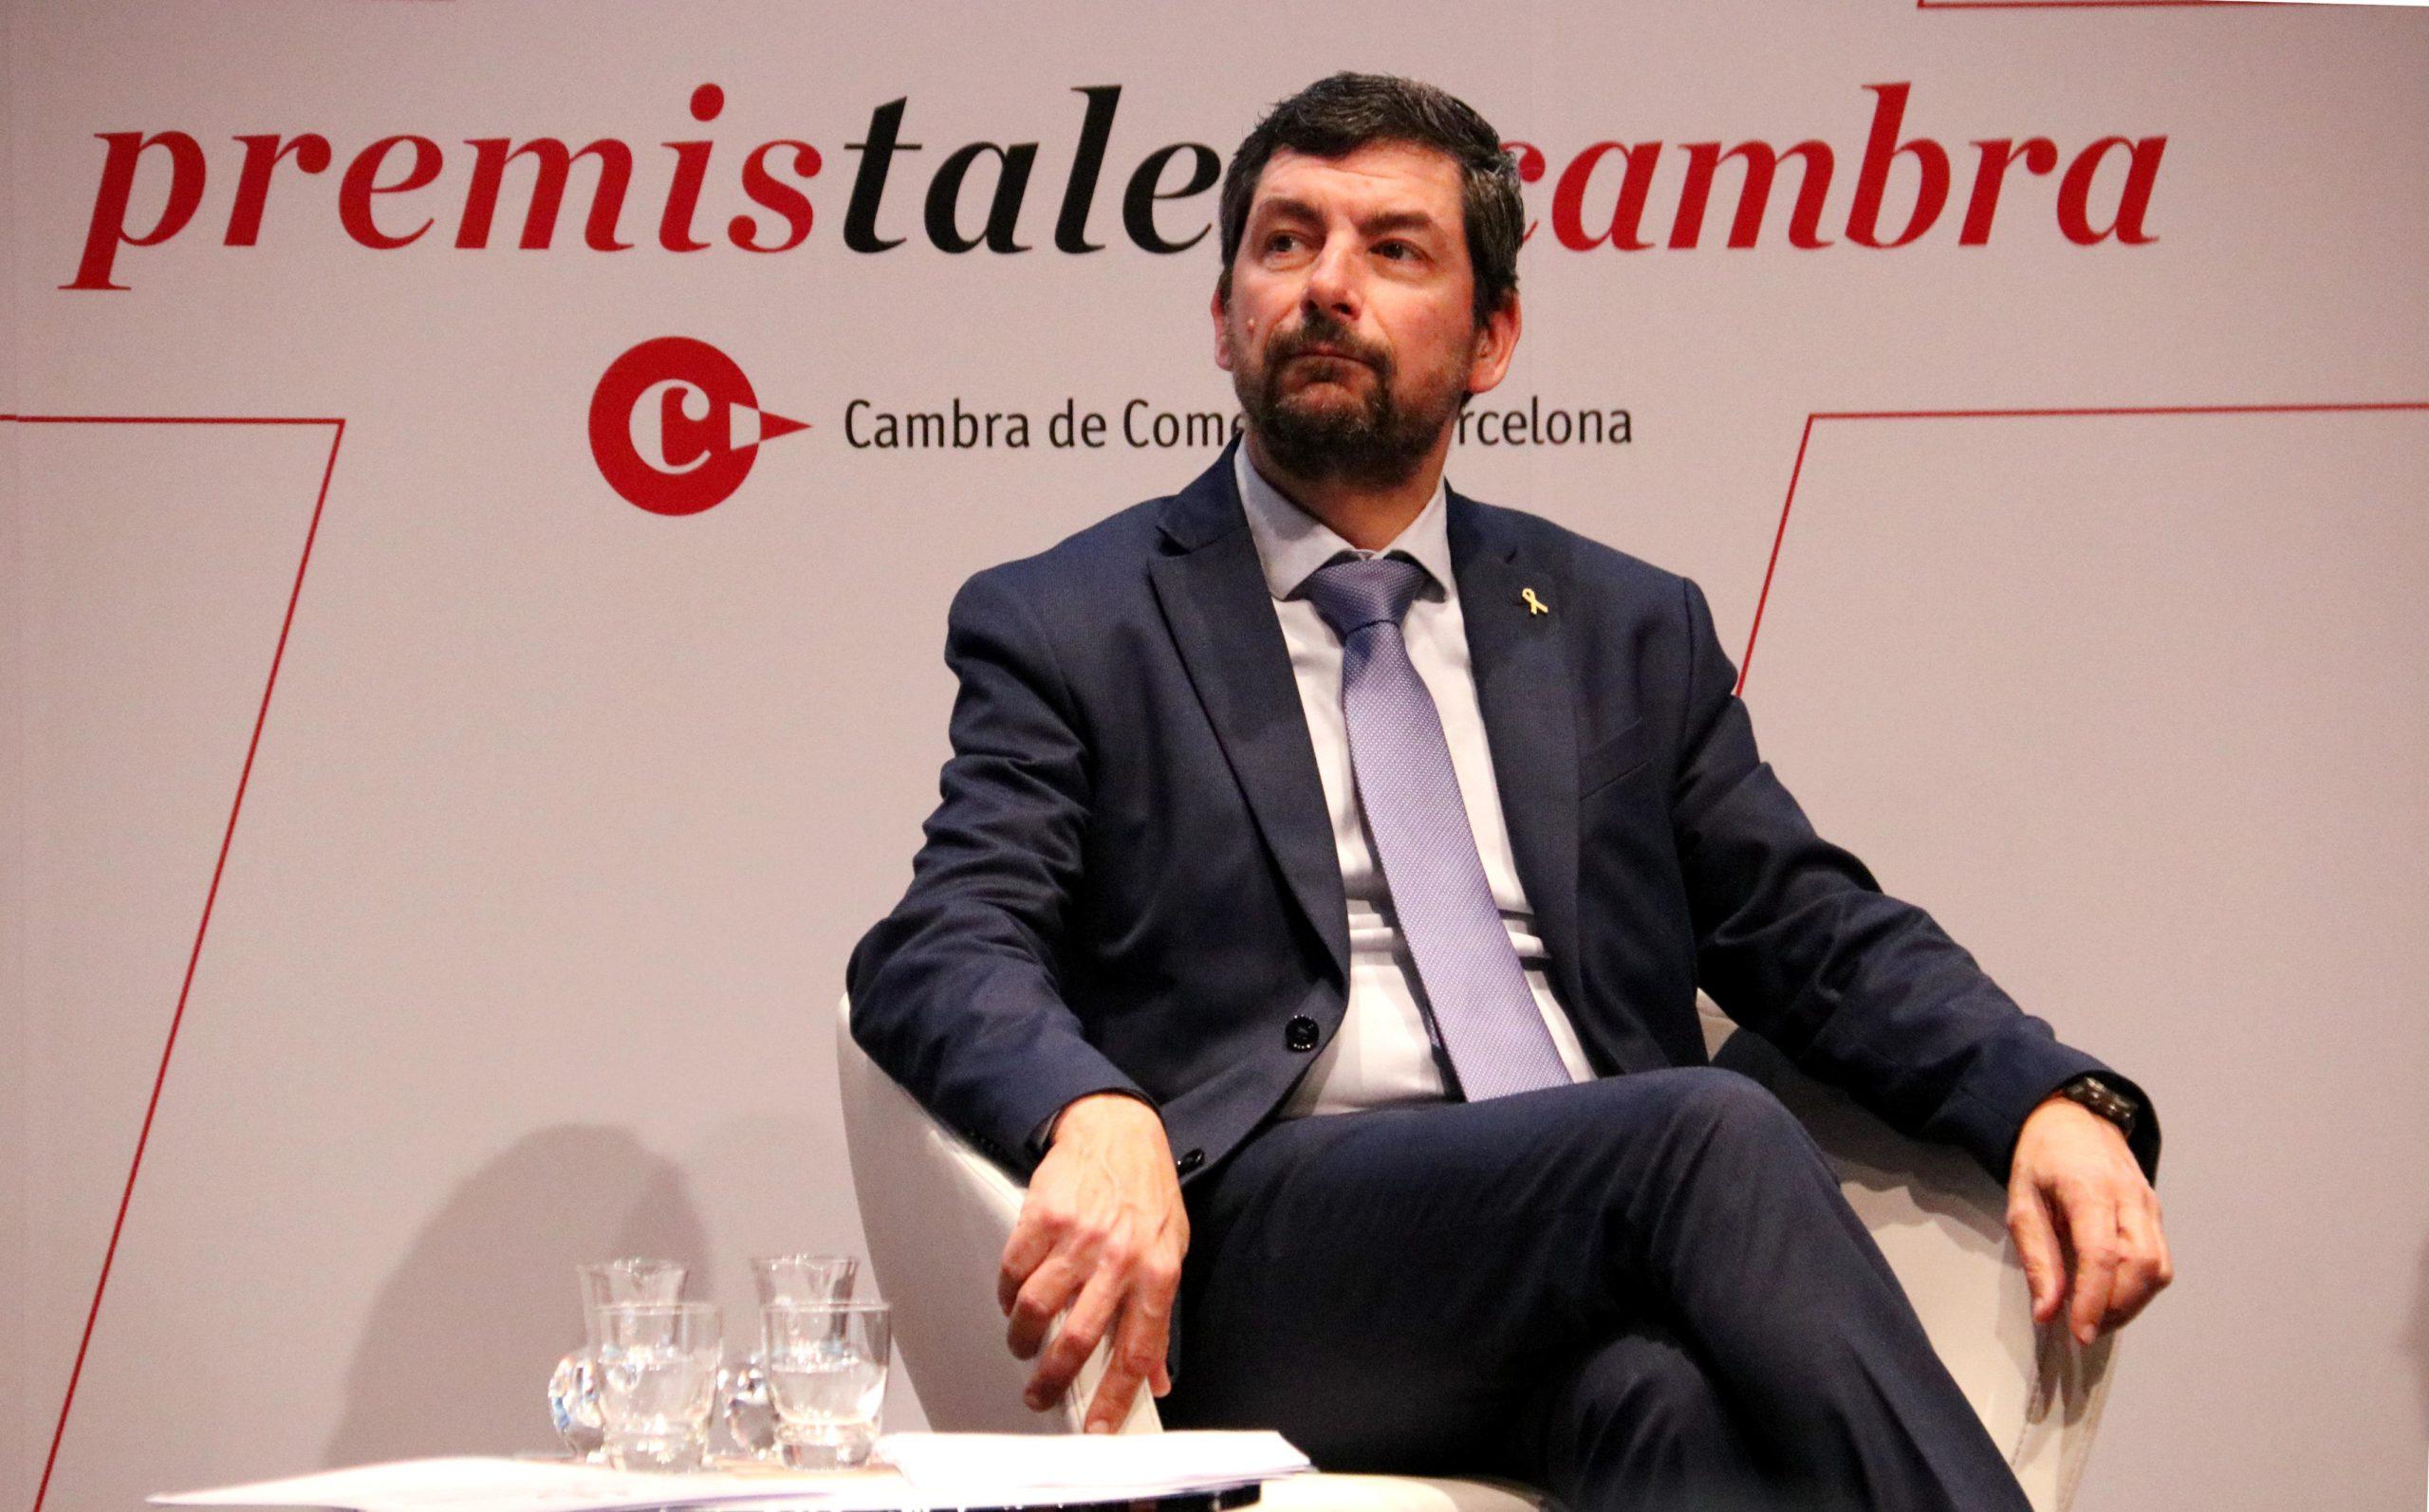 El president de la Cambra de Comerç de Barcelona, Joan Canadell, durant la presentació dels Premis Talent Cambra / ACN - Marta Casado